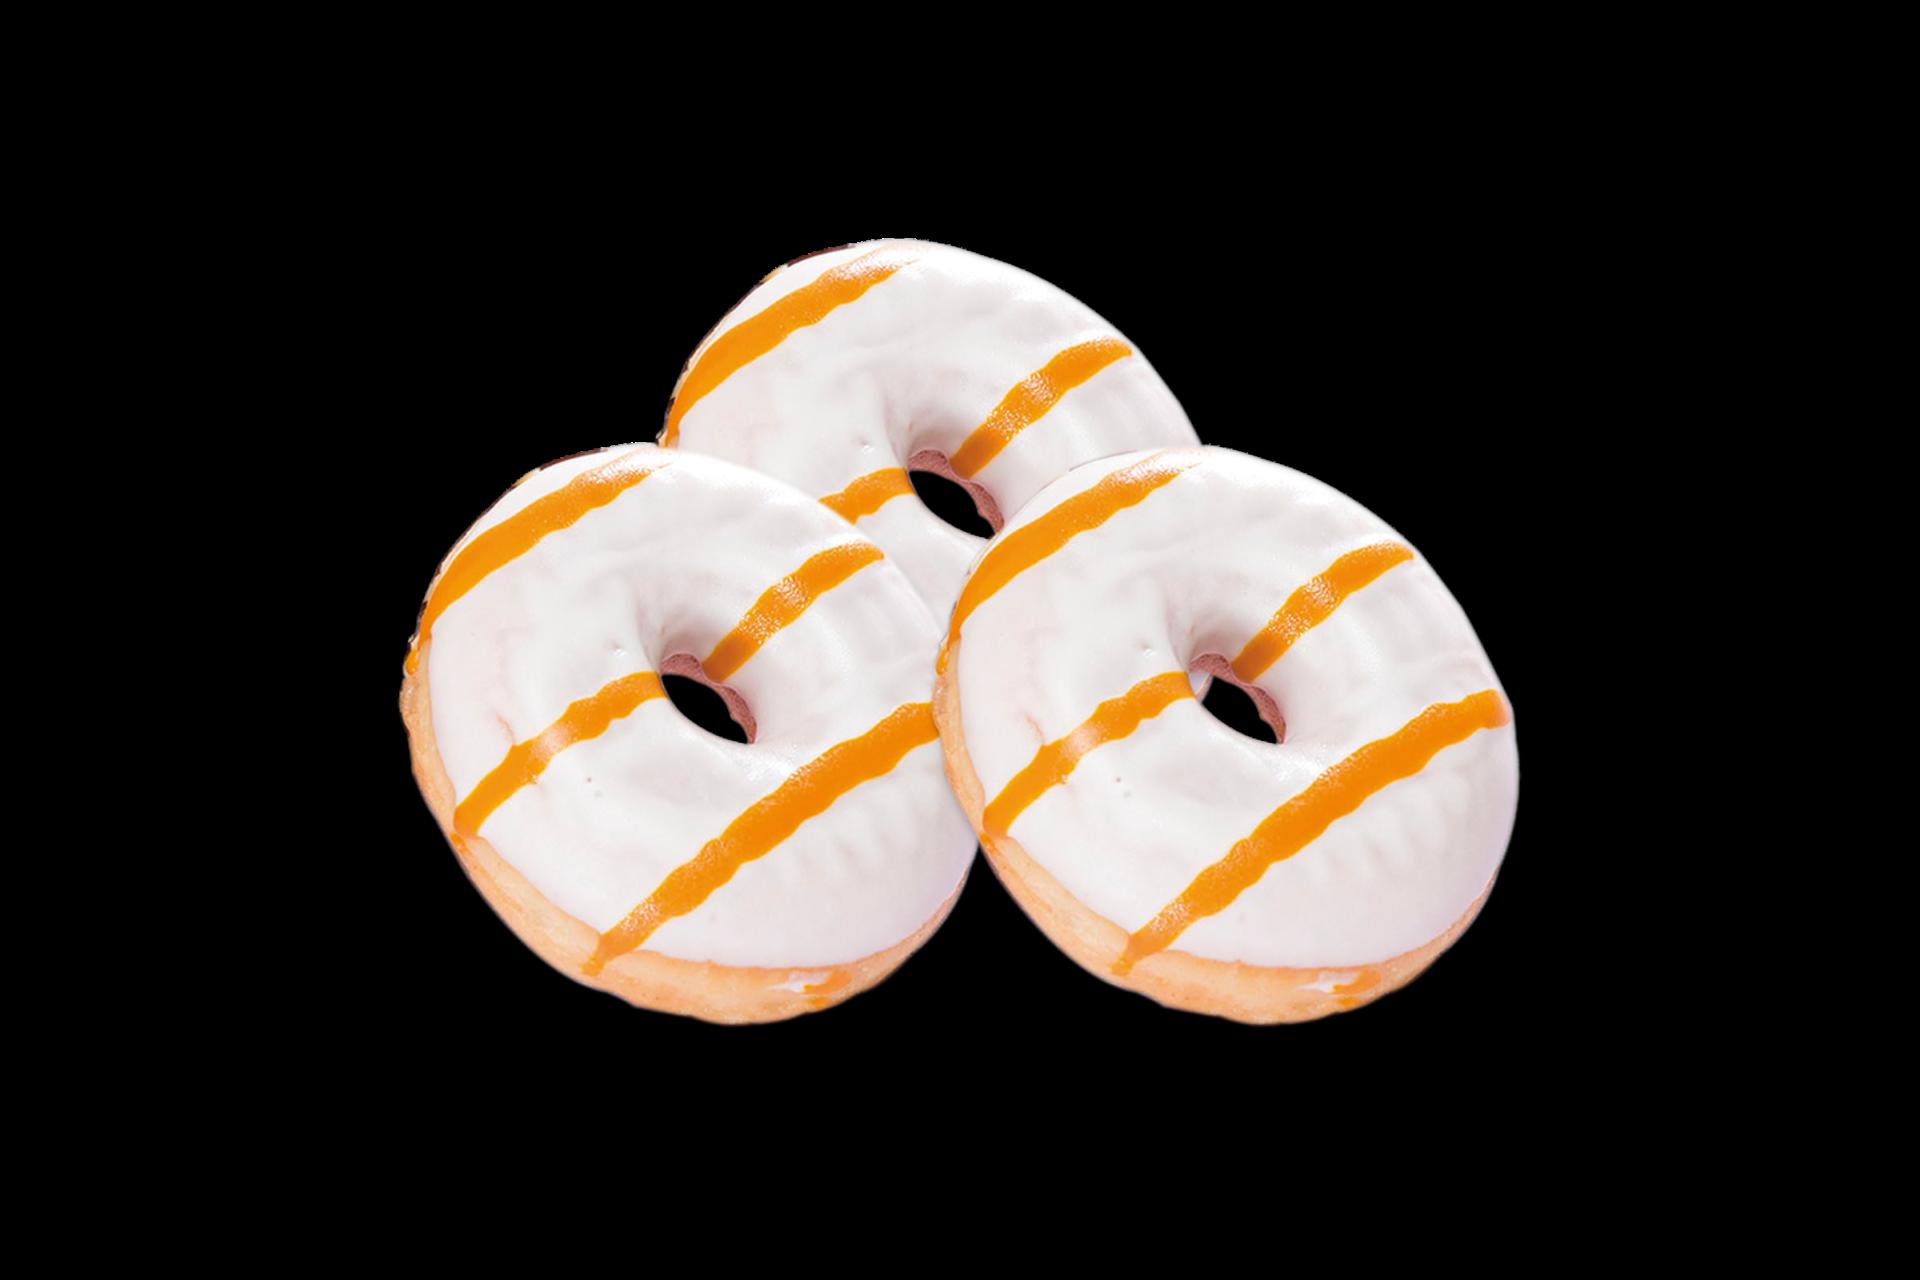 Mini Caramel Donut (3 Stk.) 1